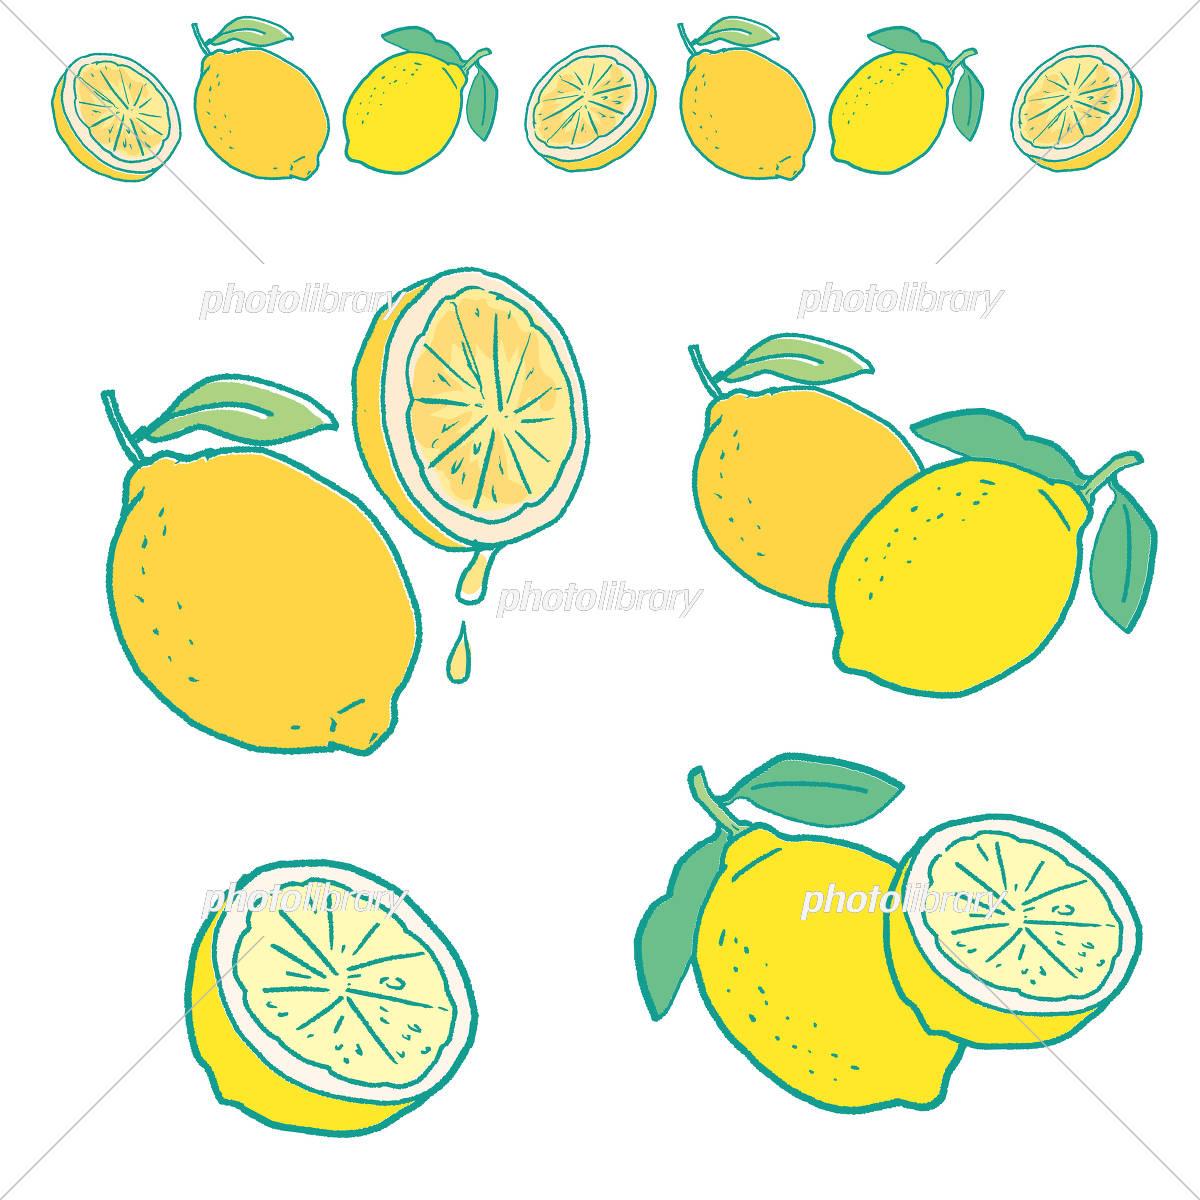 レモン イラスト イラスト素材 5191108 フォトライブラリー